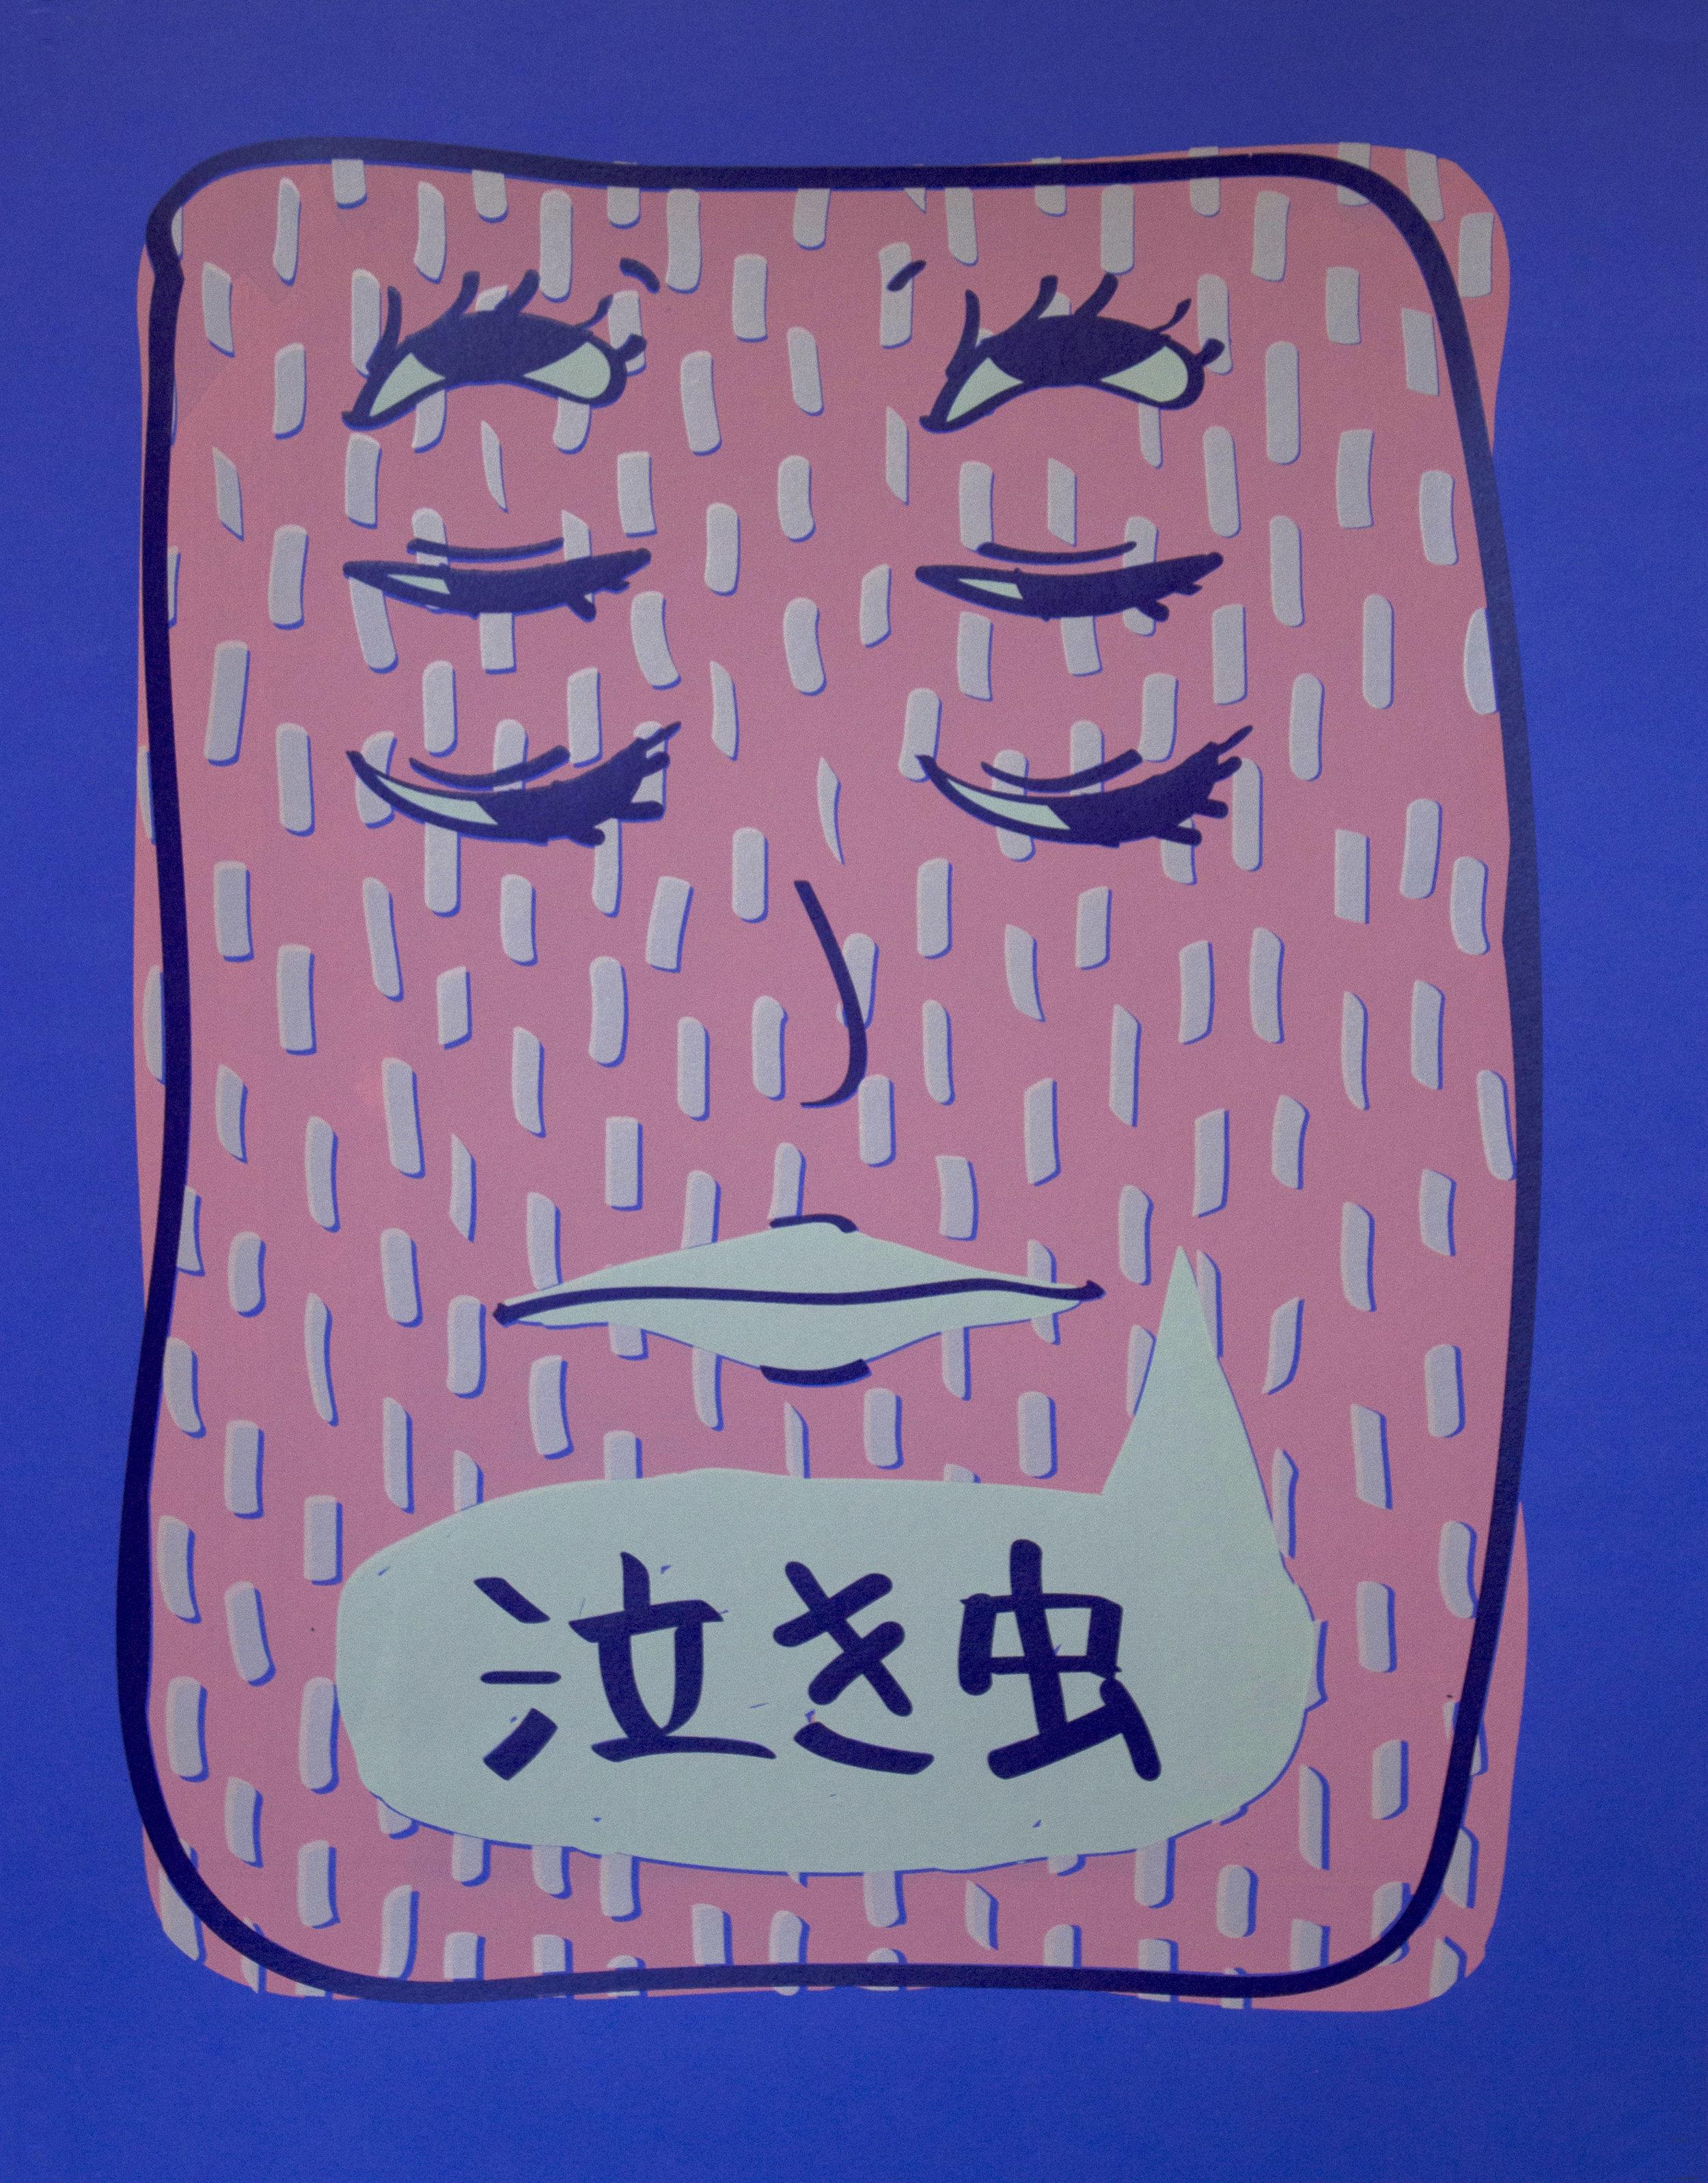 nakimushi_ultragrape_02.jpg